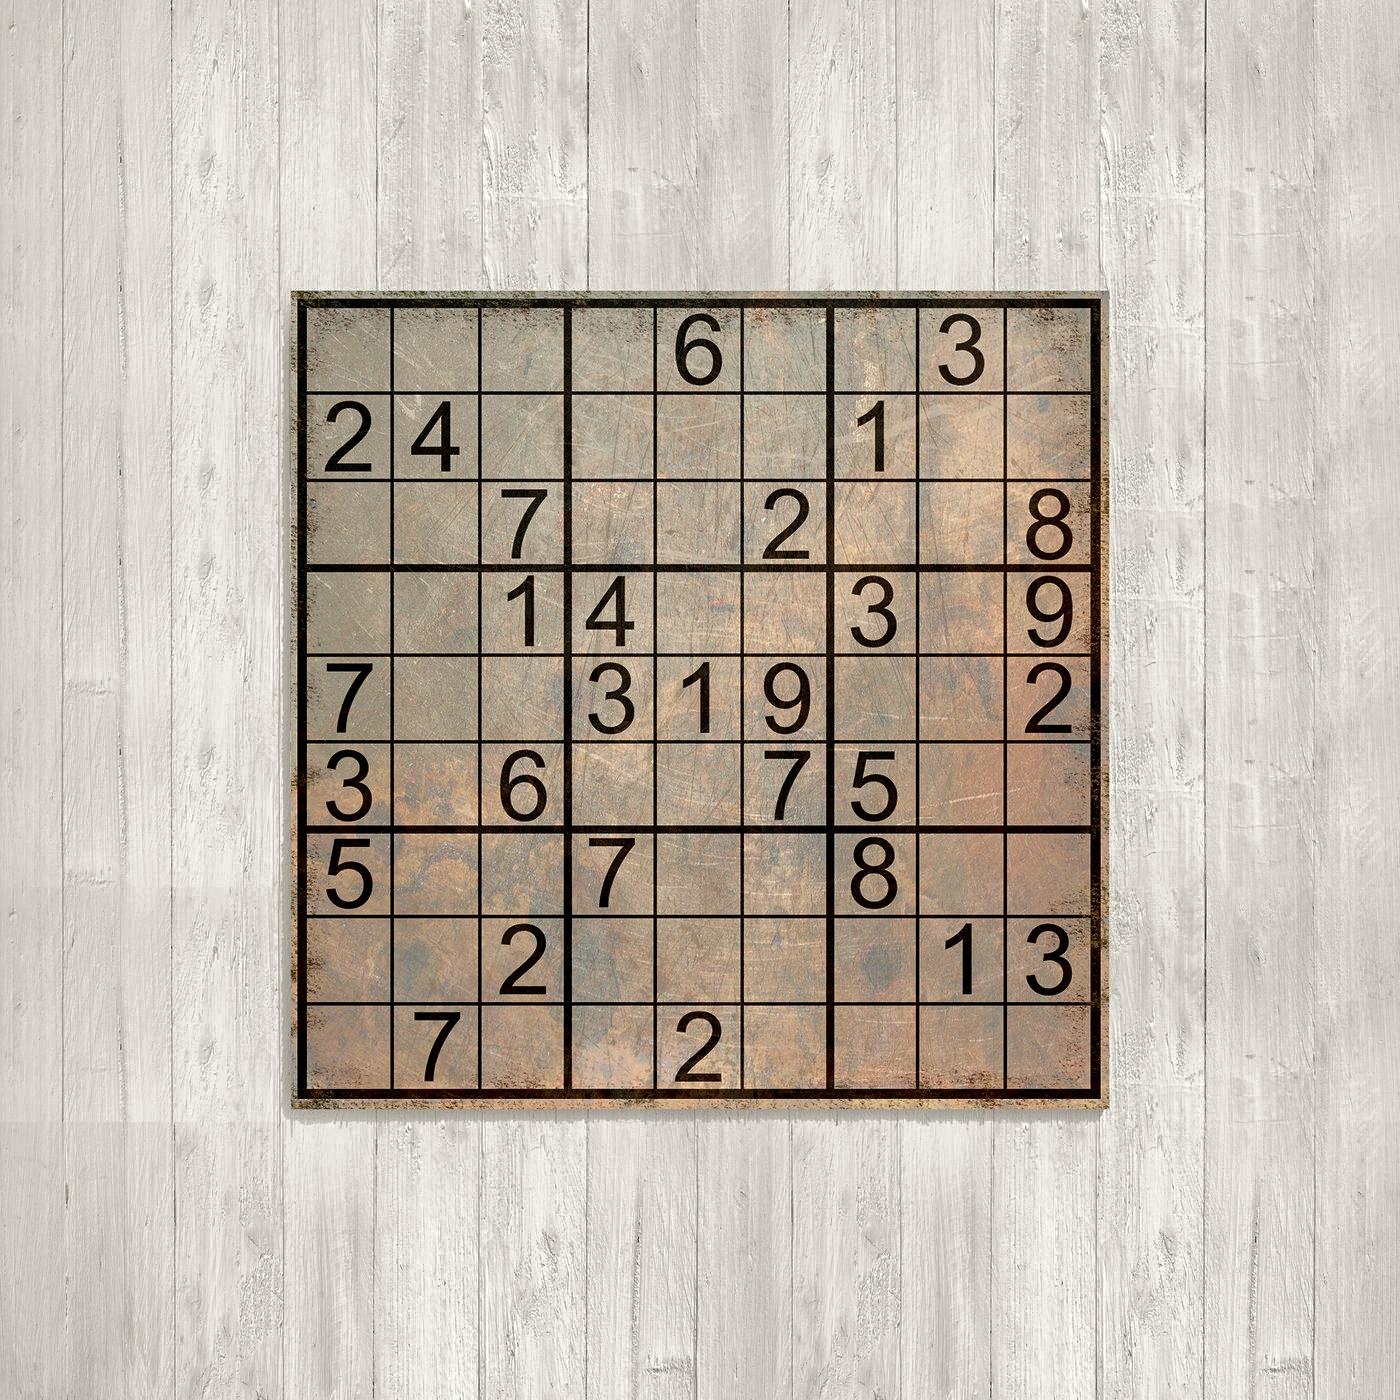 Логічна японська головоломка з числами Cудоку